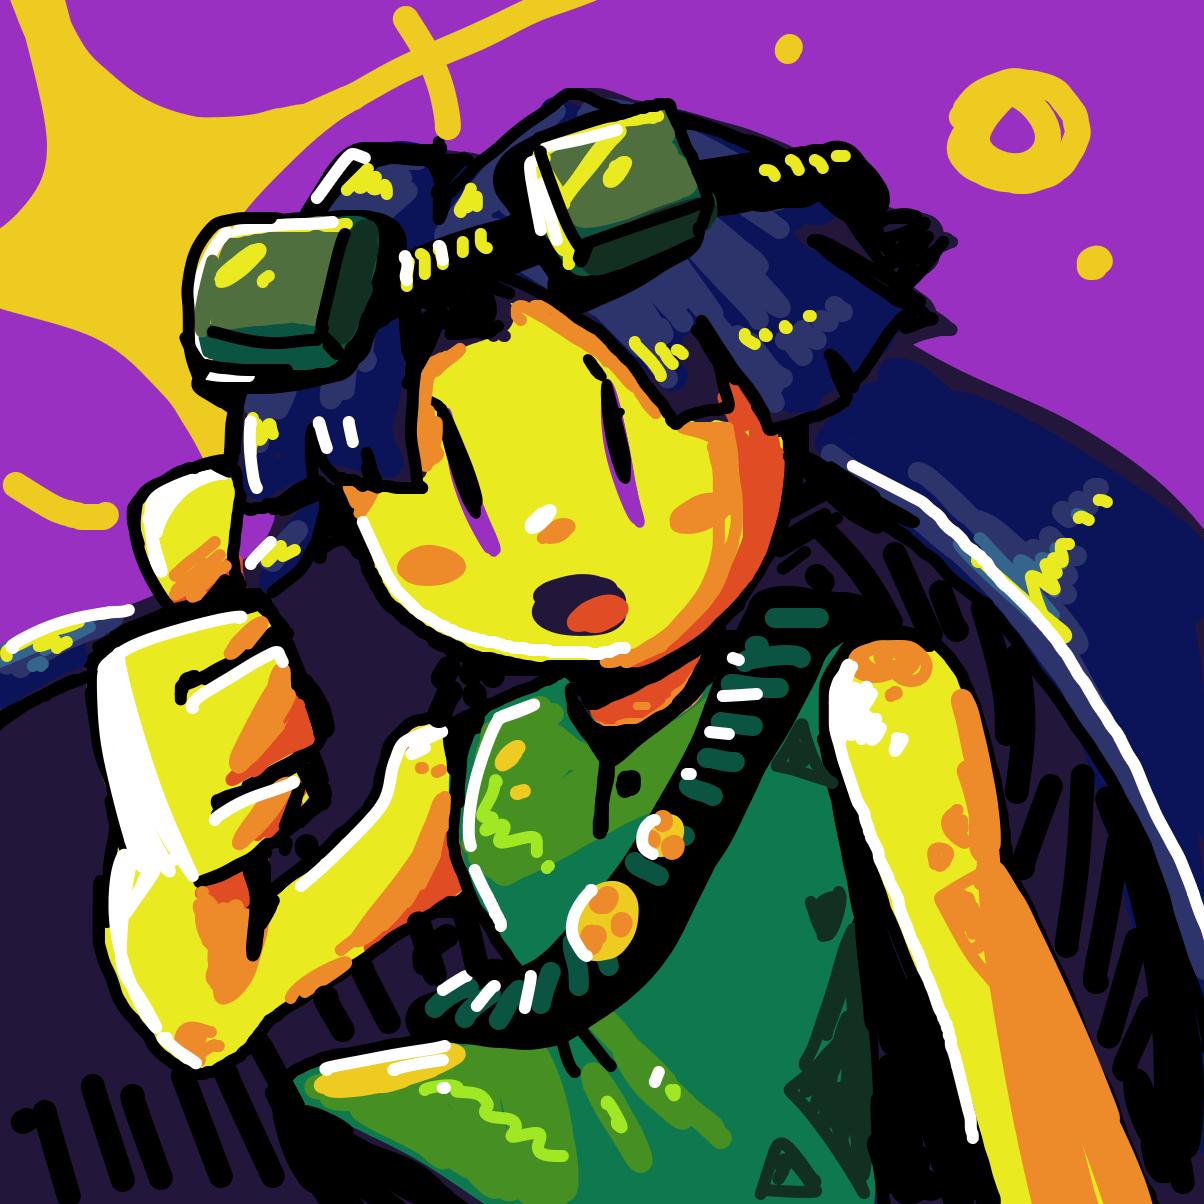 Profile picture for the comic artist, Soap